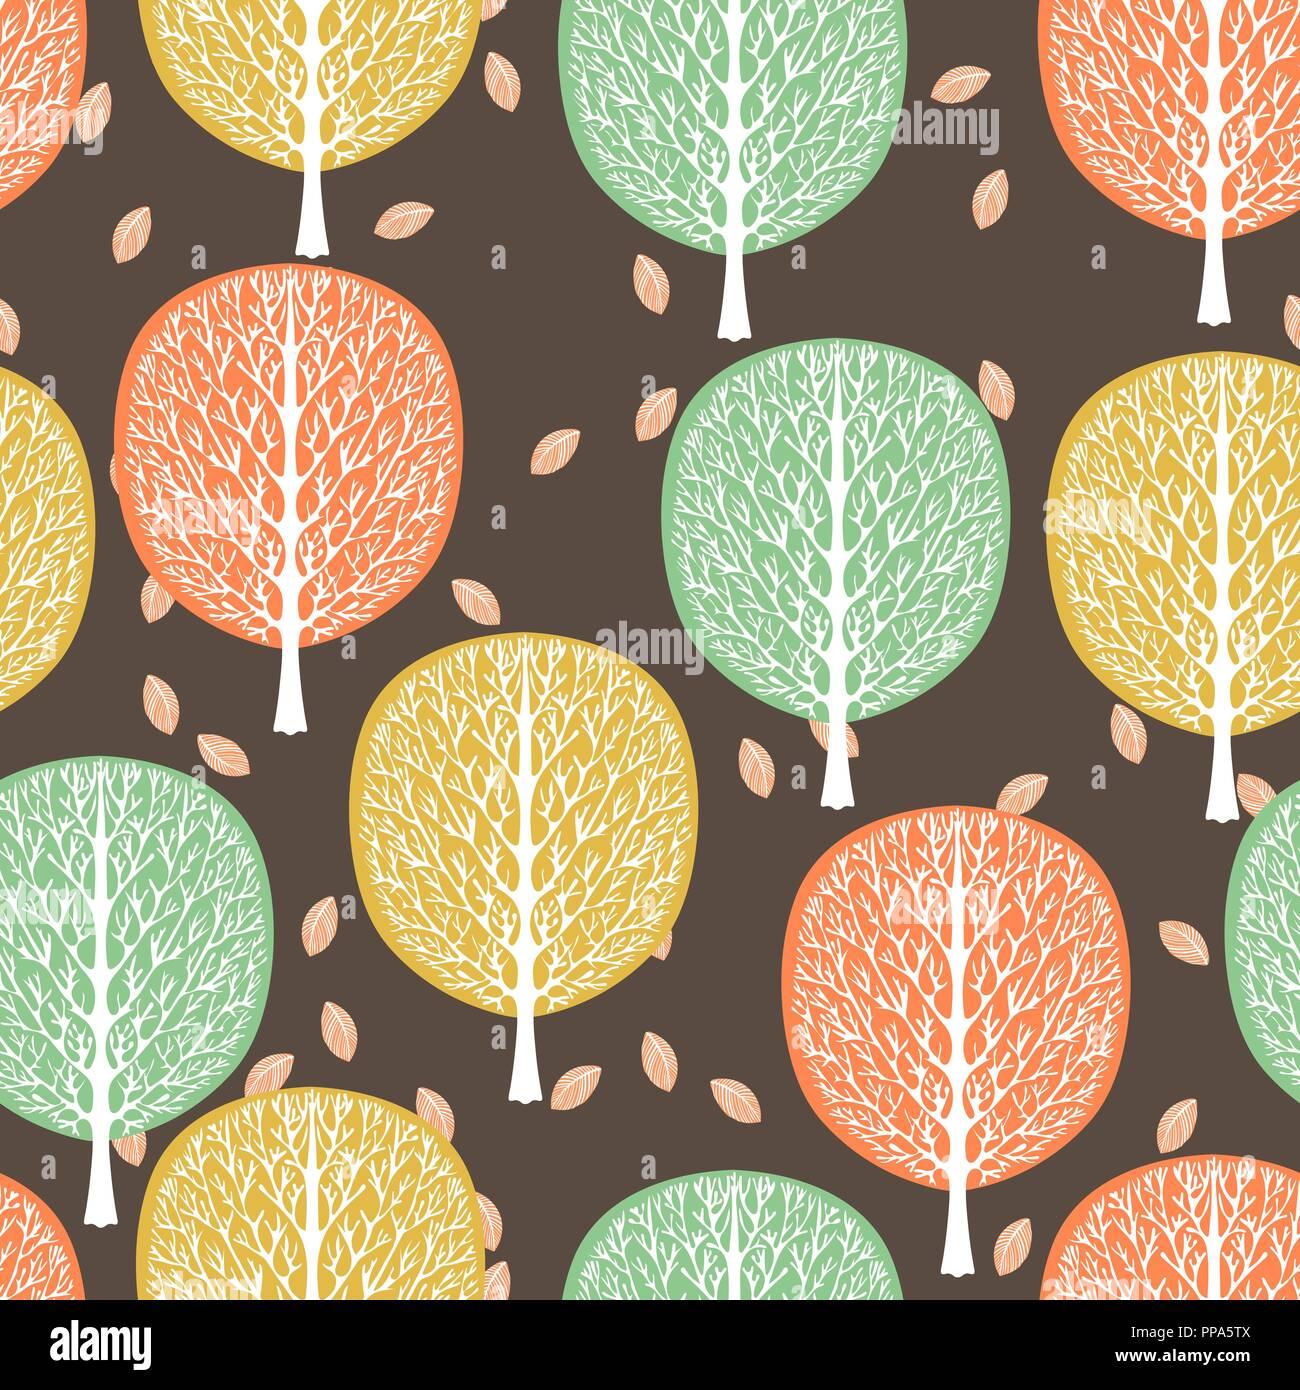 Alberi Astratti Seamless Pattern Illustrazione Vettoriale Foresta